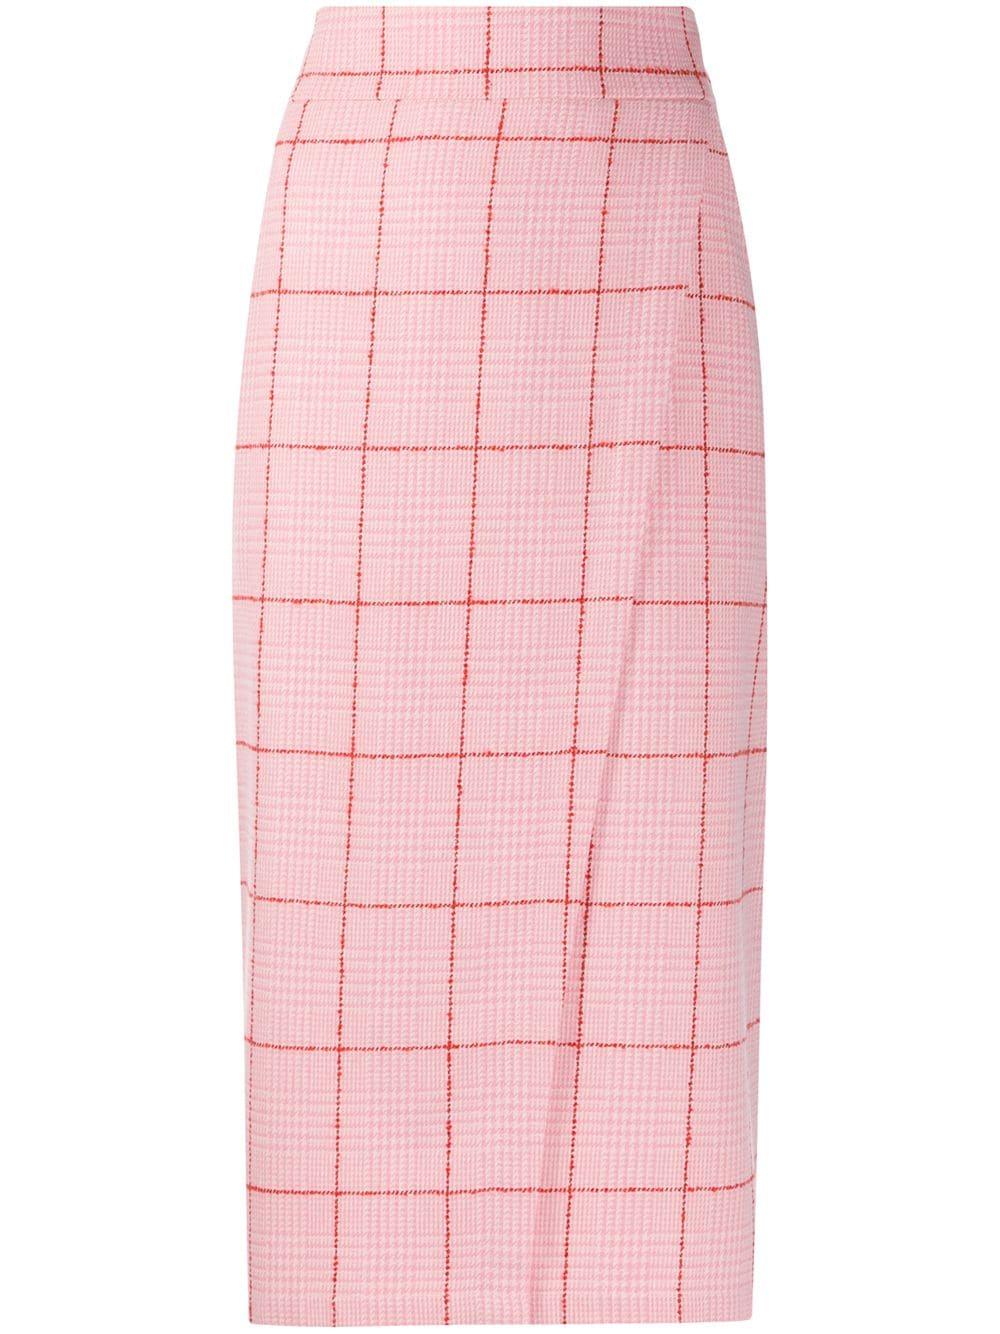 L'Autre Chose checked wrap skirt